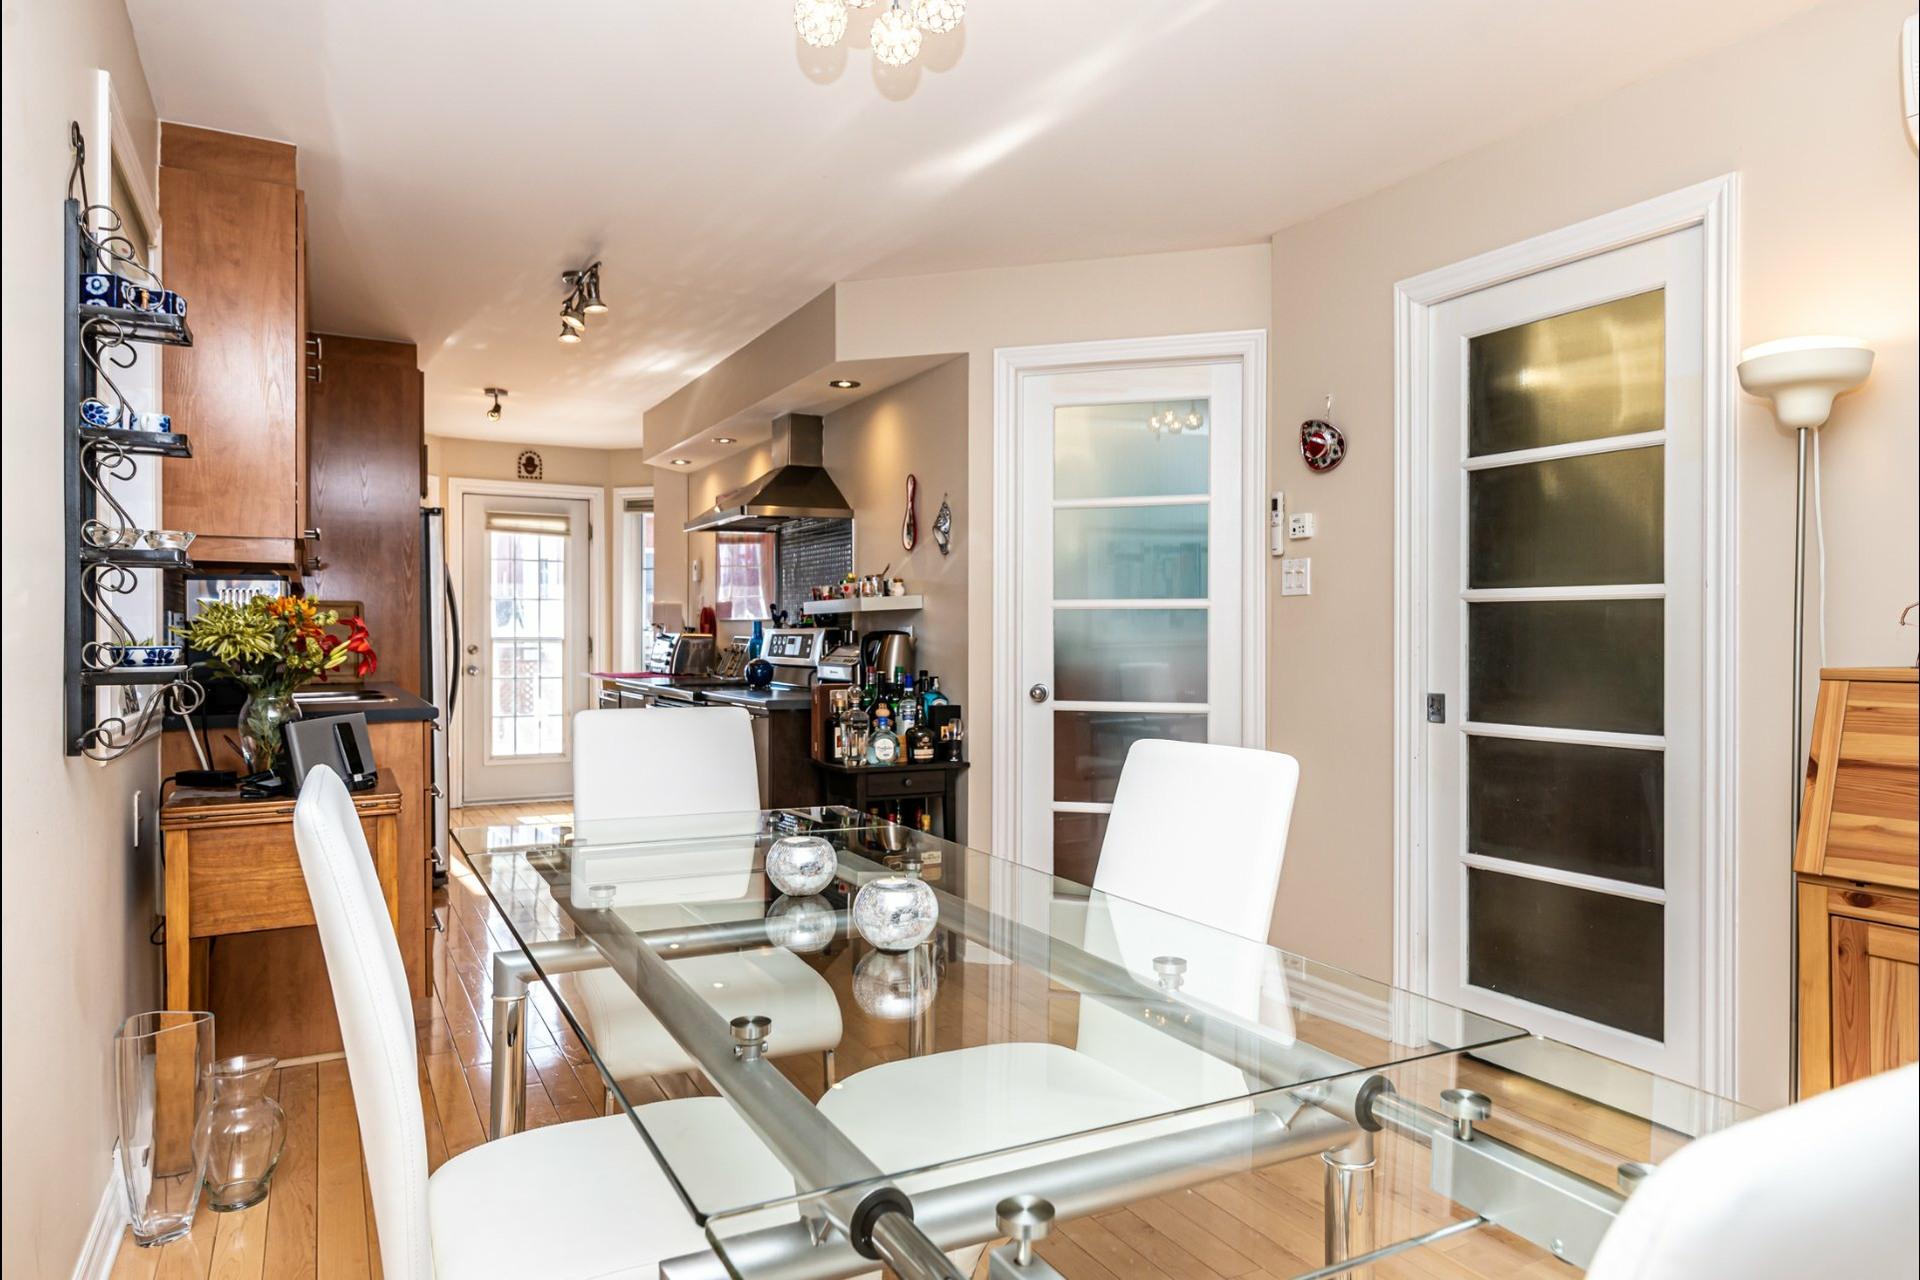 image 4 - 公寓 出售 Saint-Laurent Montréal  - 4 室